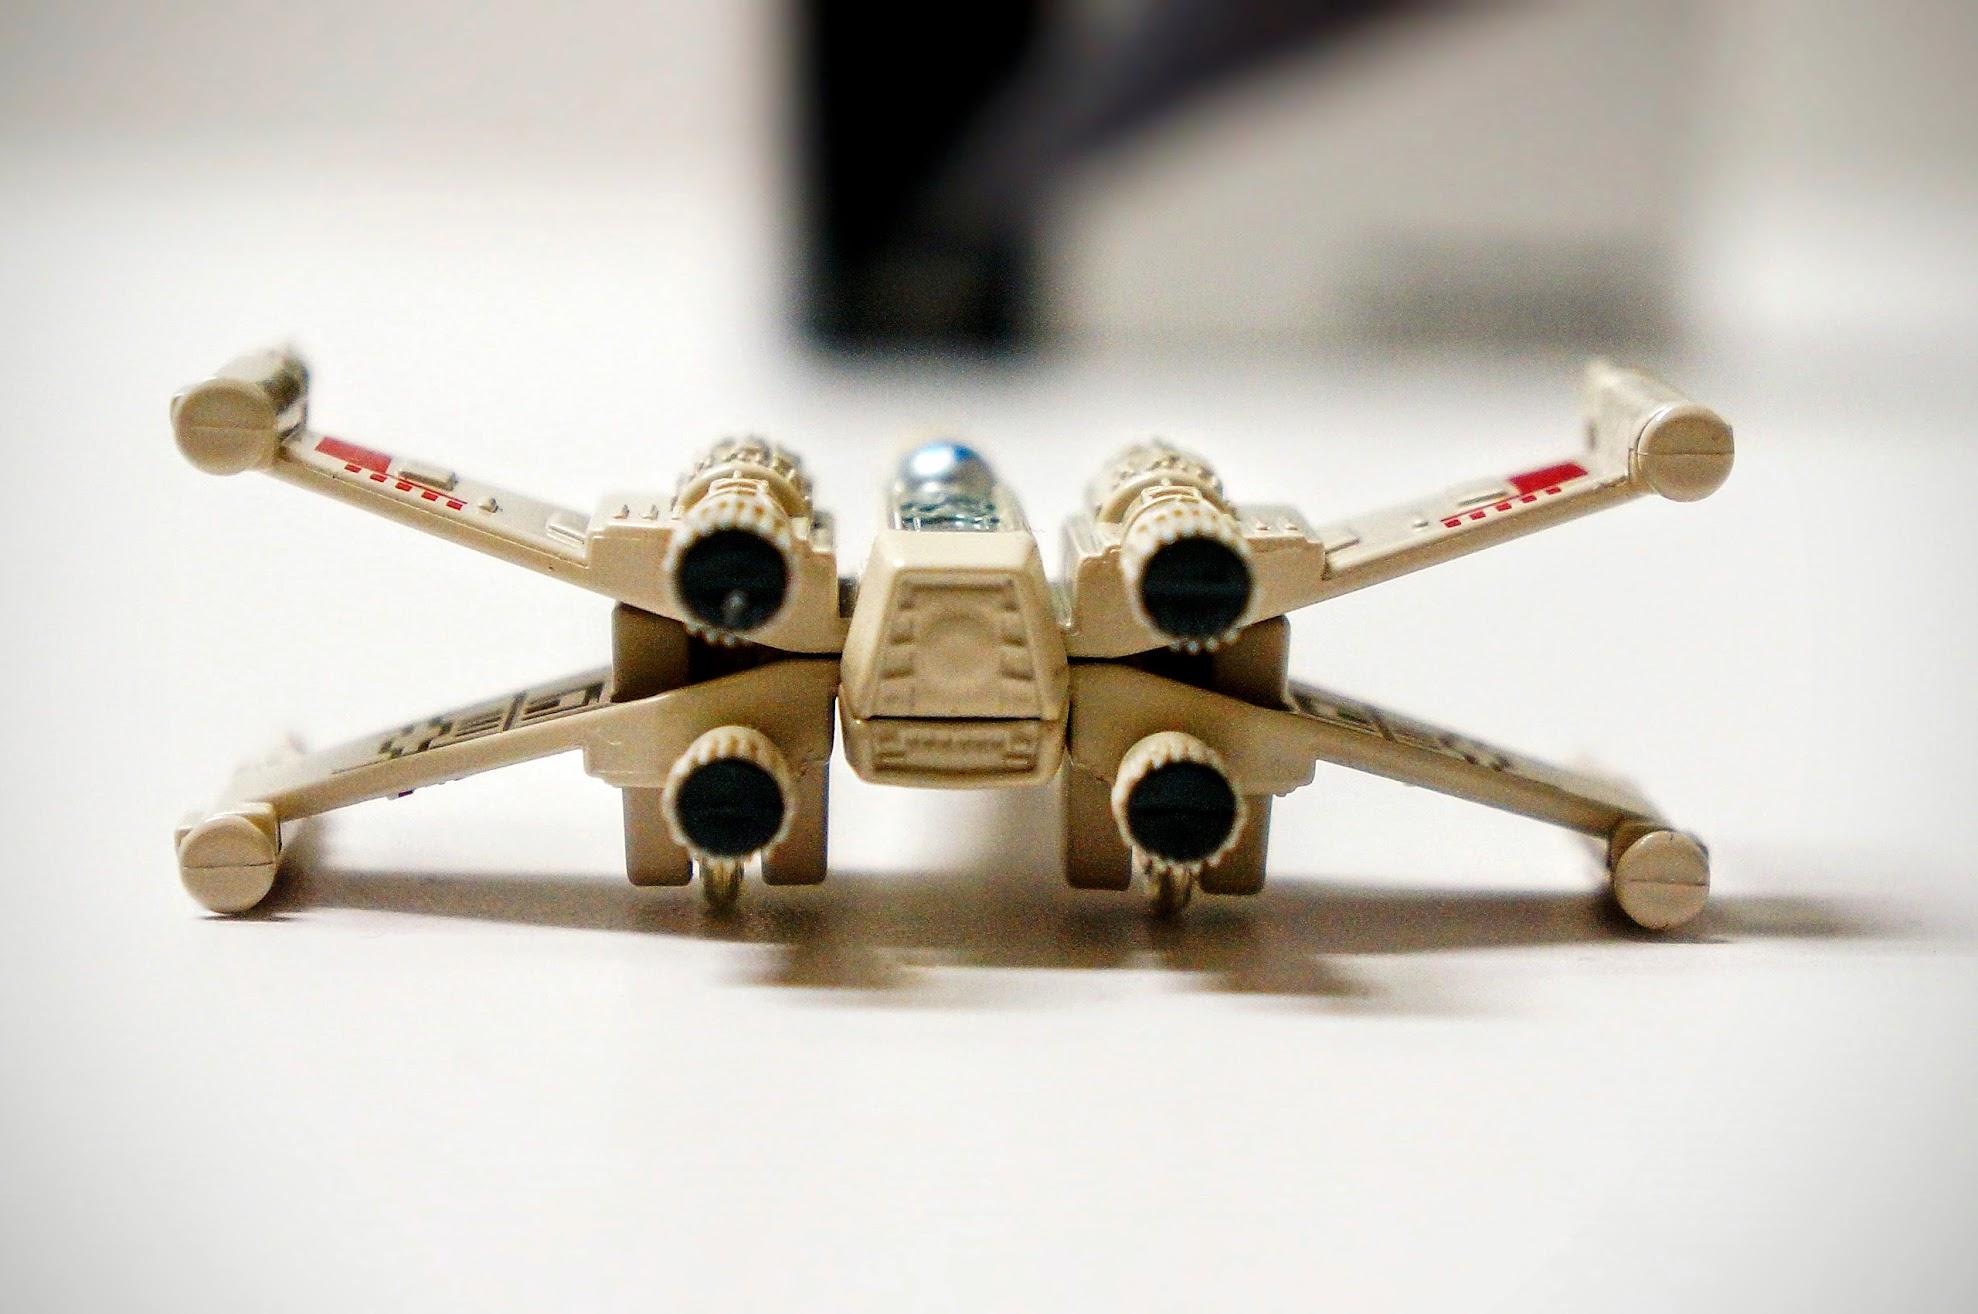 最愛它的機翼可以合起跟拆開,引擎則是可以光速飛行